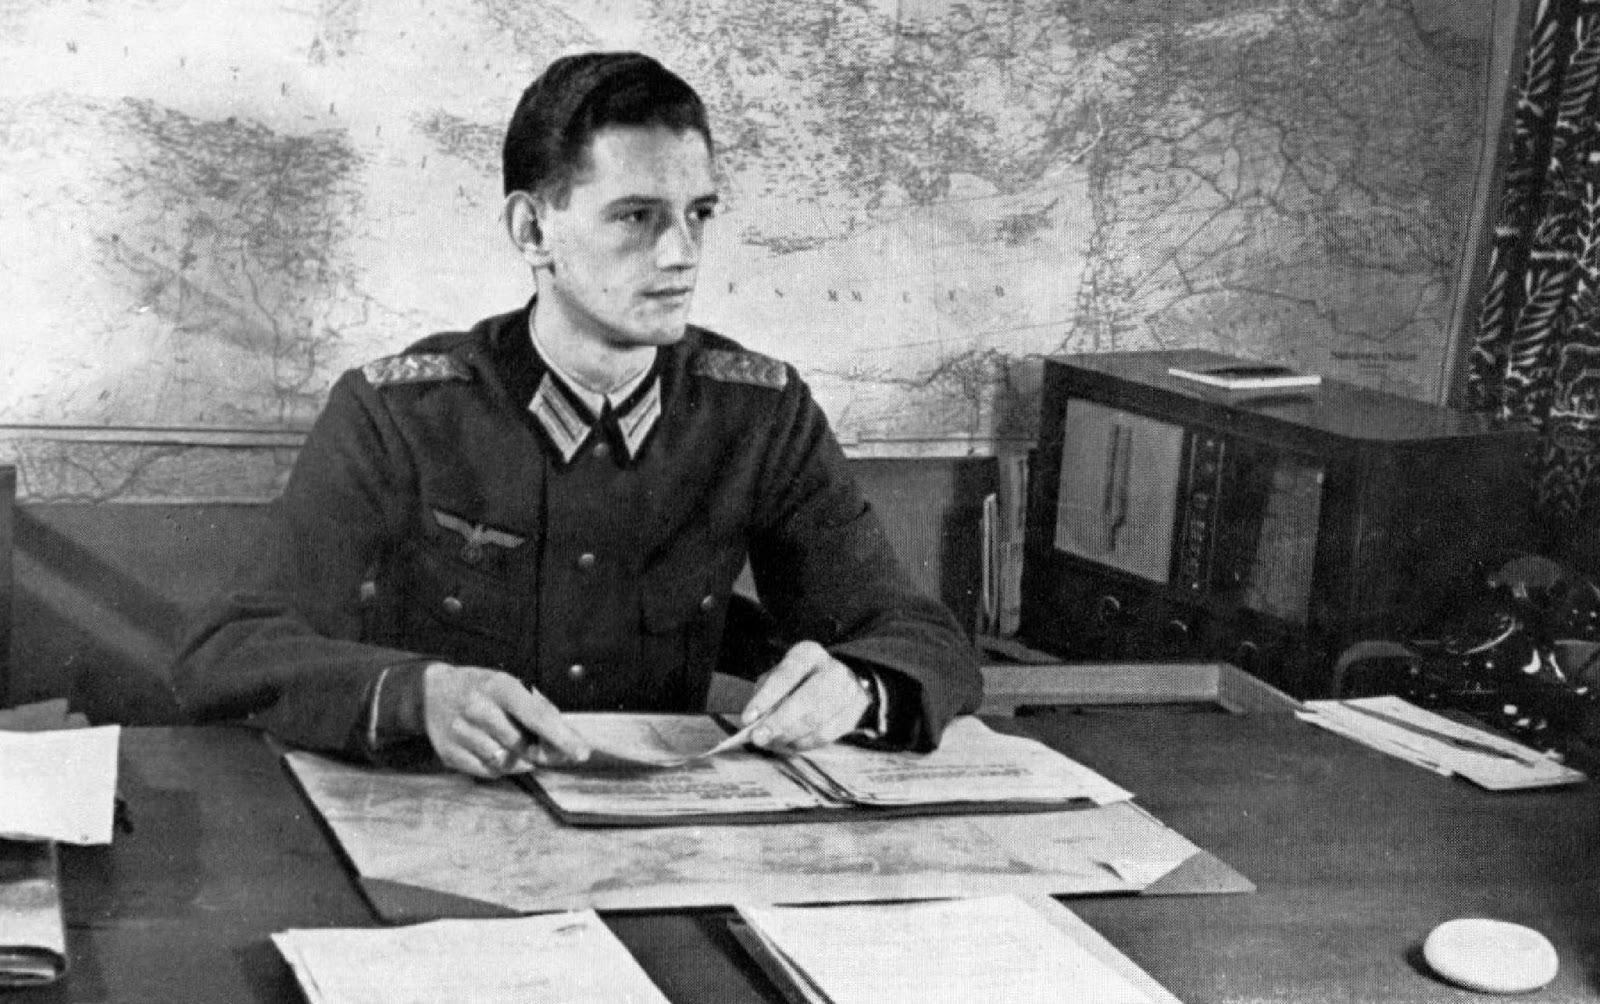 Reinhard Gehlen: Wehrmacht Spymaster